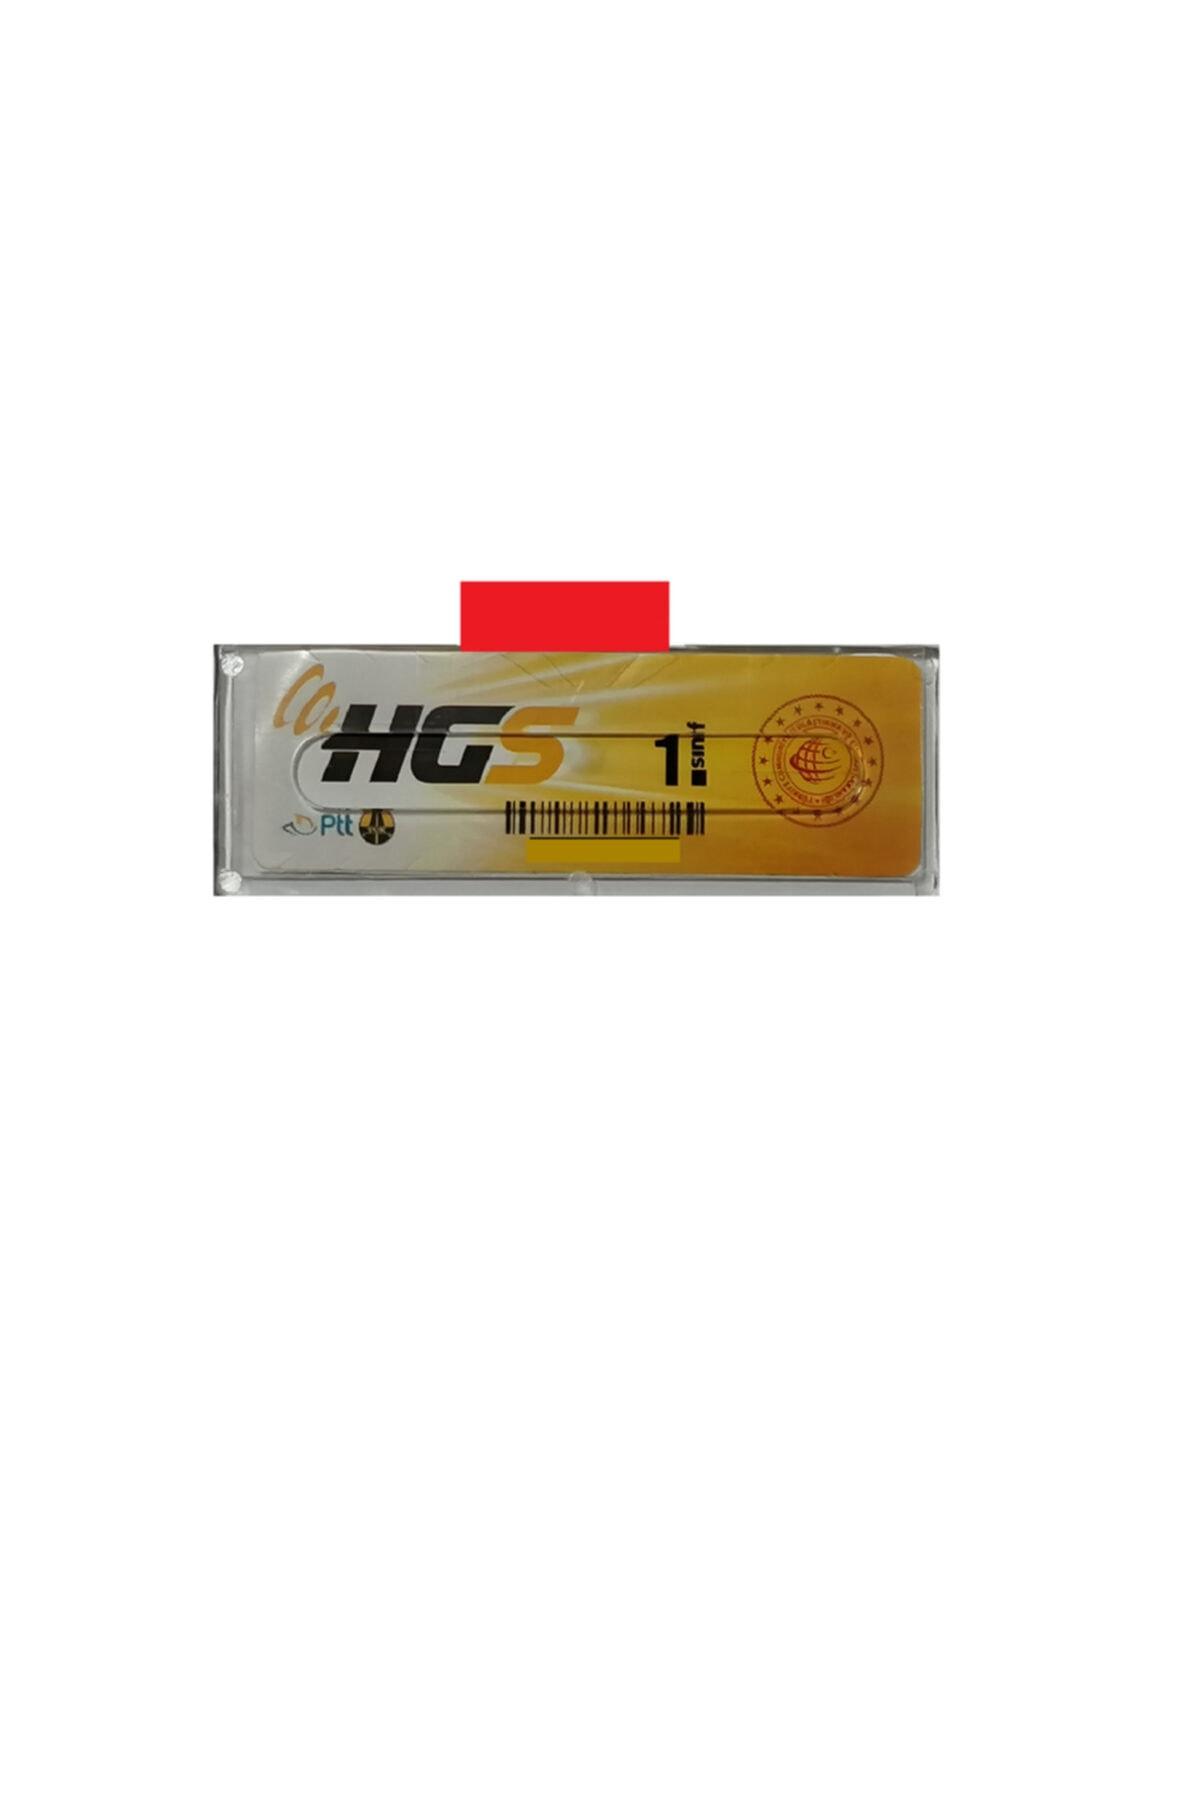 1 Adet Hgs Etiket Aparatı ((10.25cm) 3.3 En Yeni Hgs Lere Uyumlu